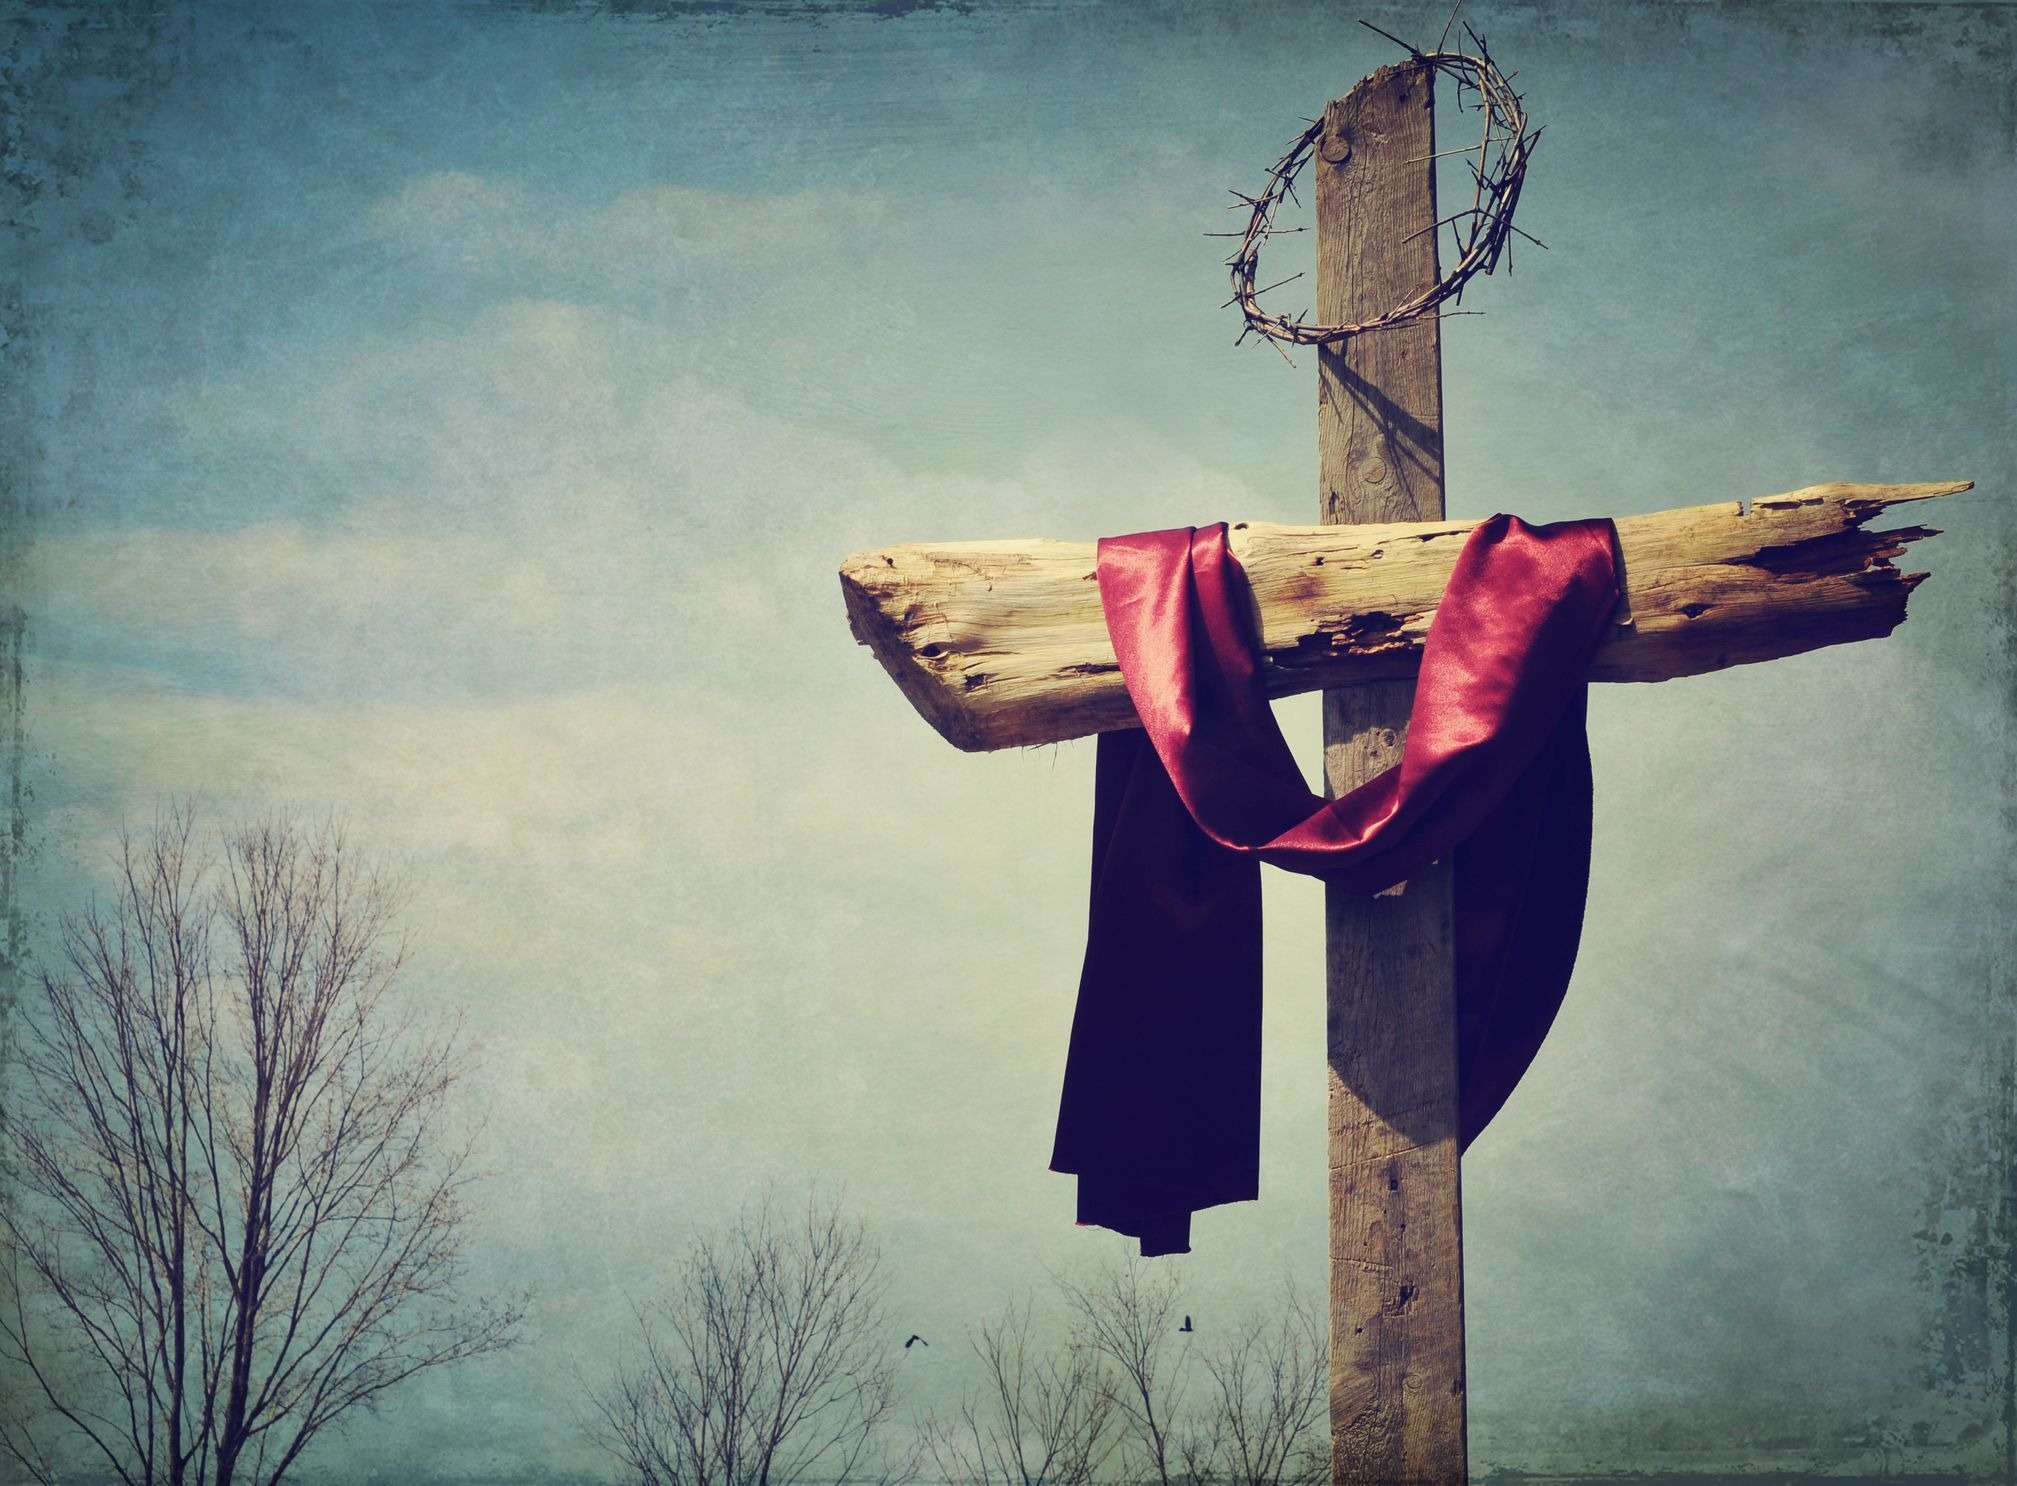 http://shbabbek.com/upload/ببساطة ومن غير لخبطة.. هذه أبرز الاختلافات بين المذاهب المسيحية